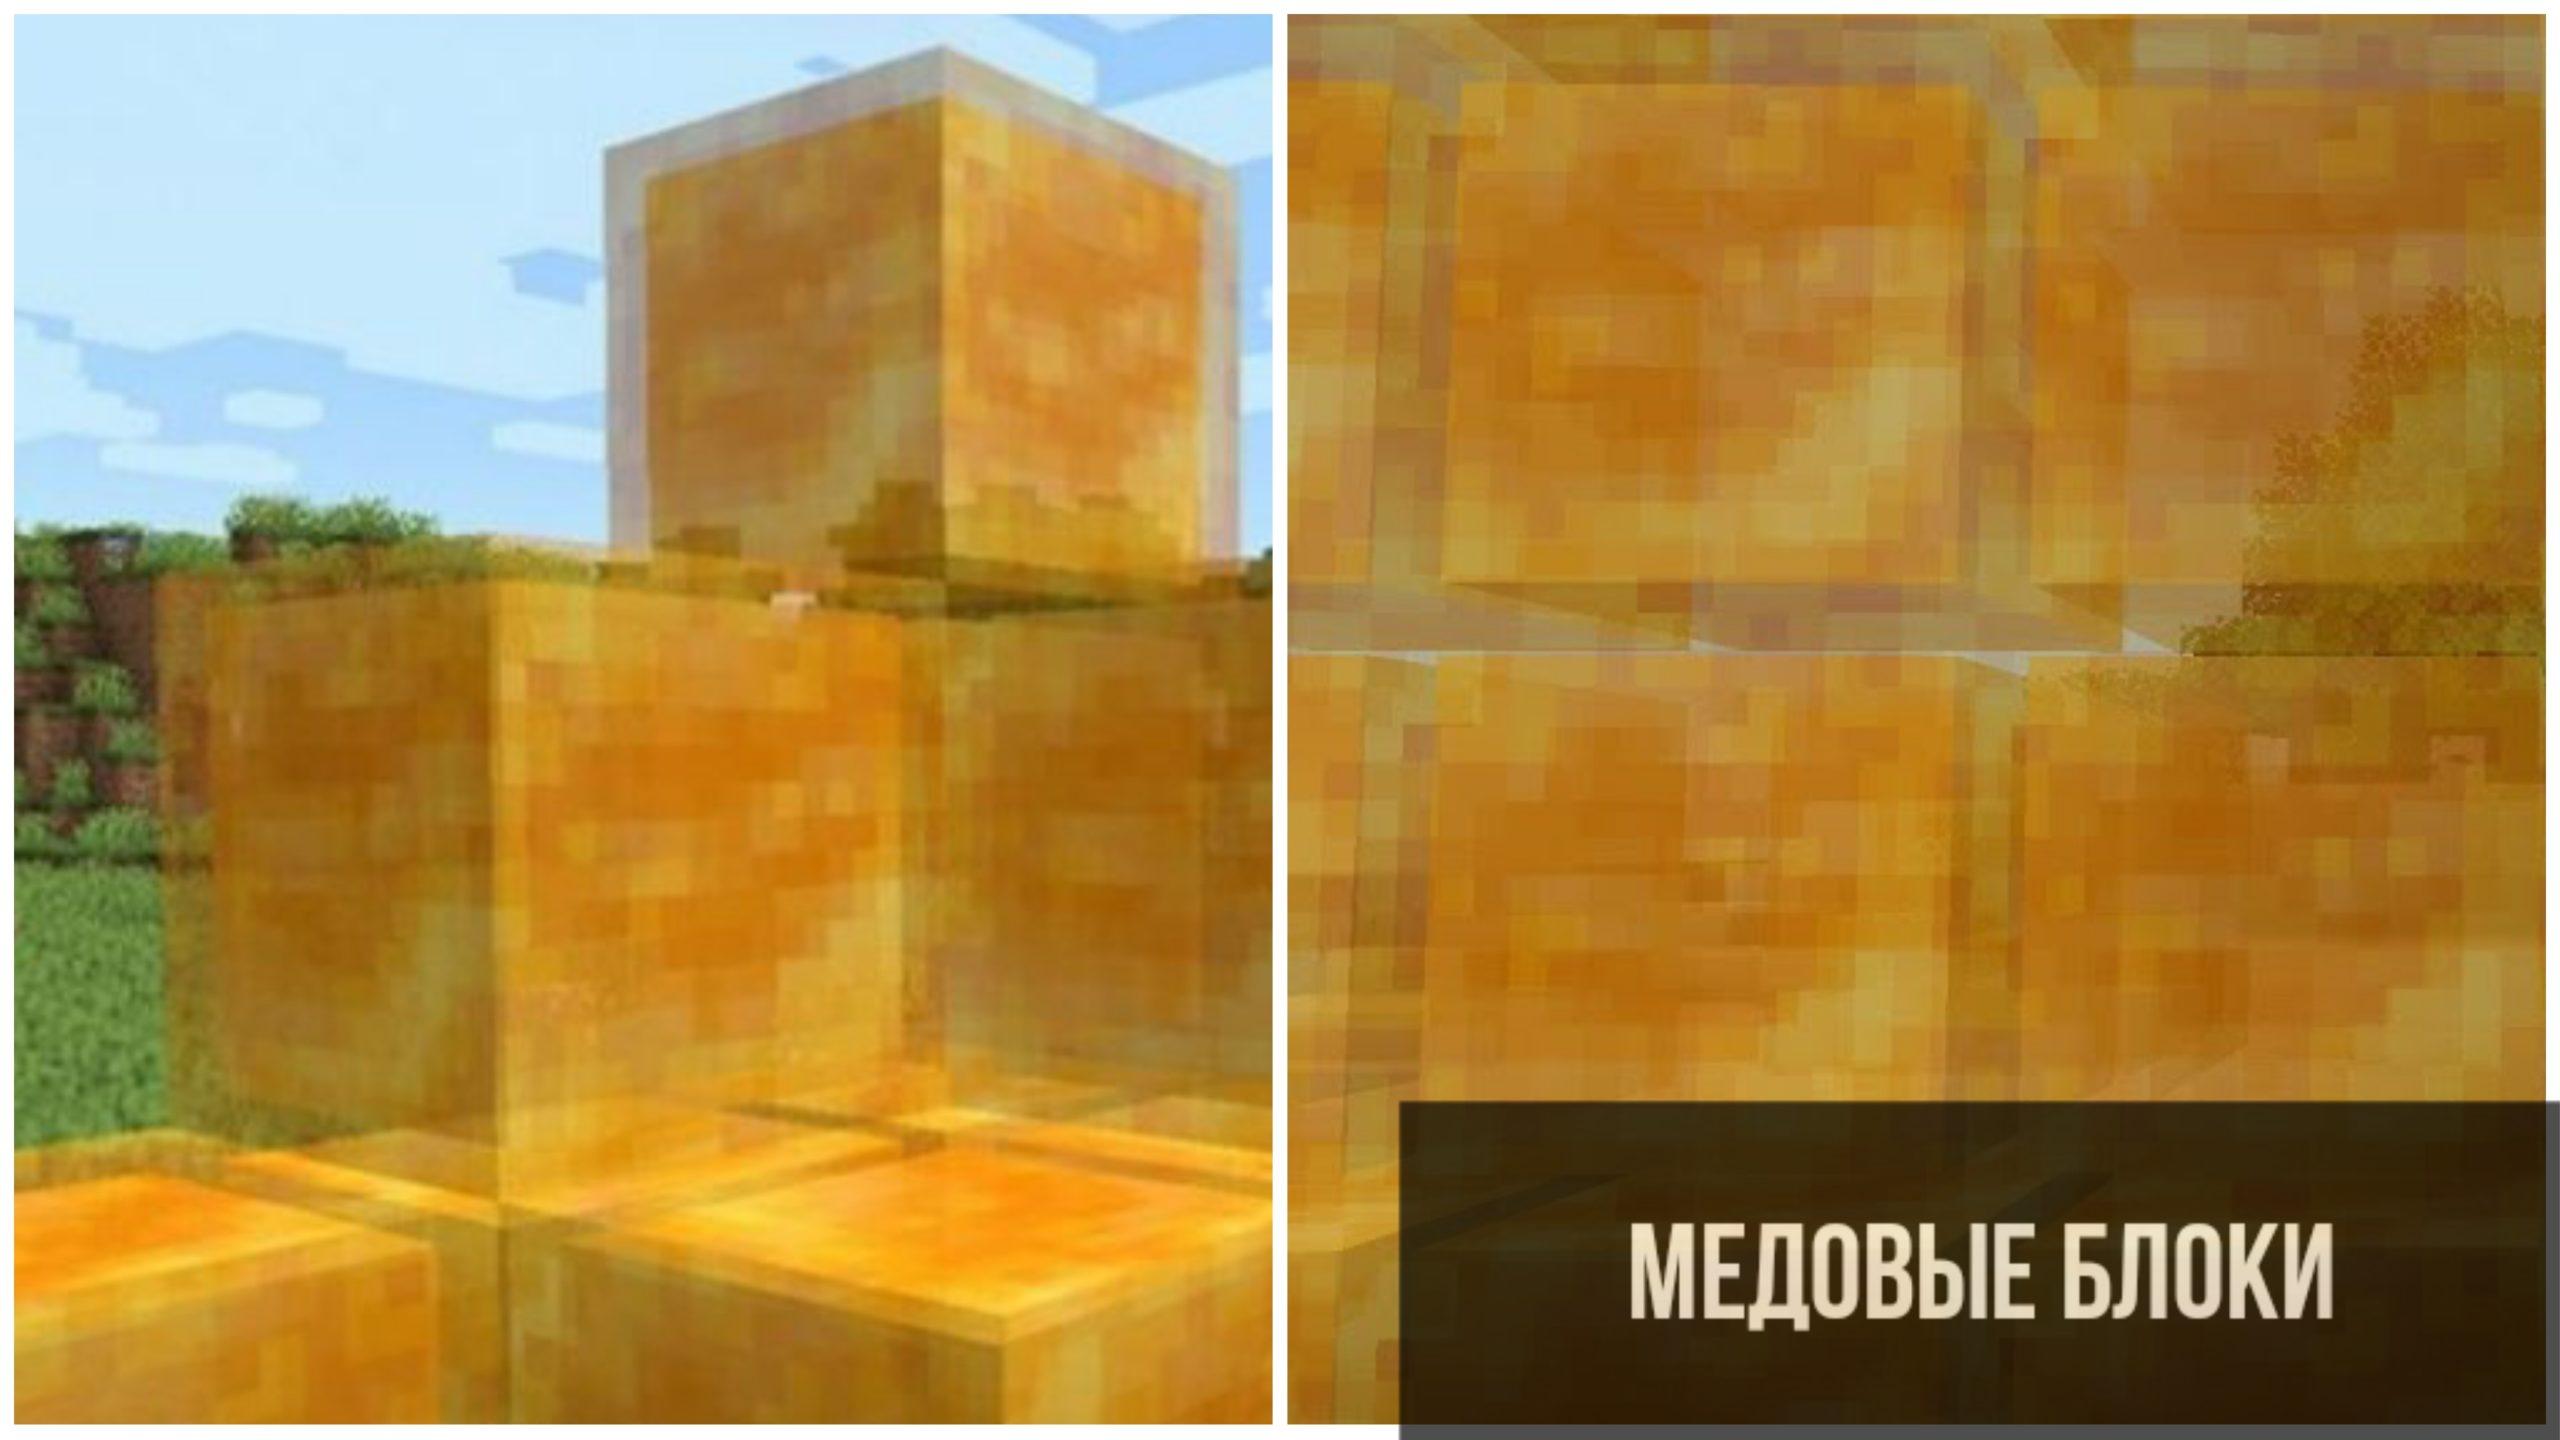 Медовые блоки в Minecraft PE 1.14.0.1